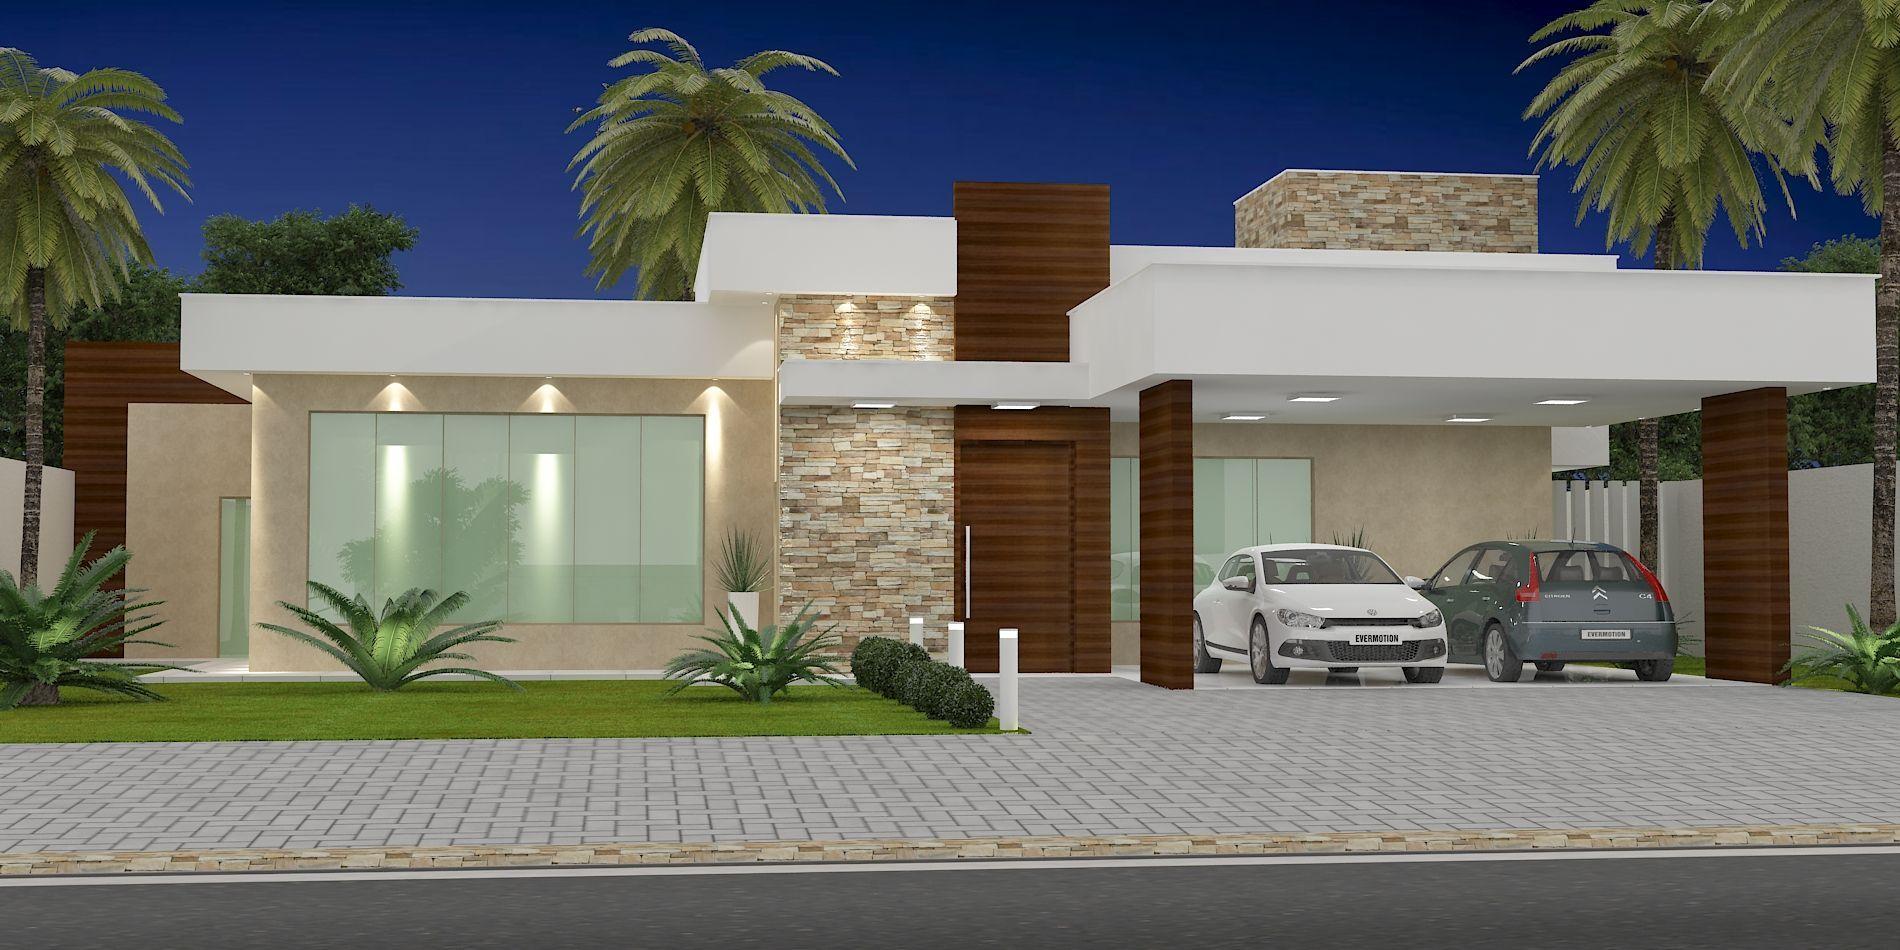 Fachada casa t rrea fachadas de casas modernas pinterest for Modelos de casas campestres modernas